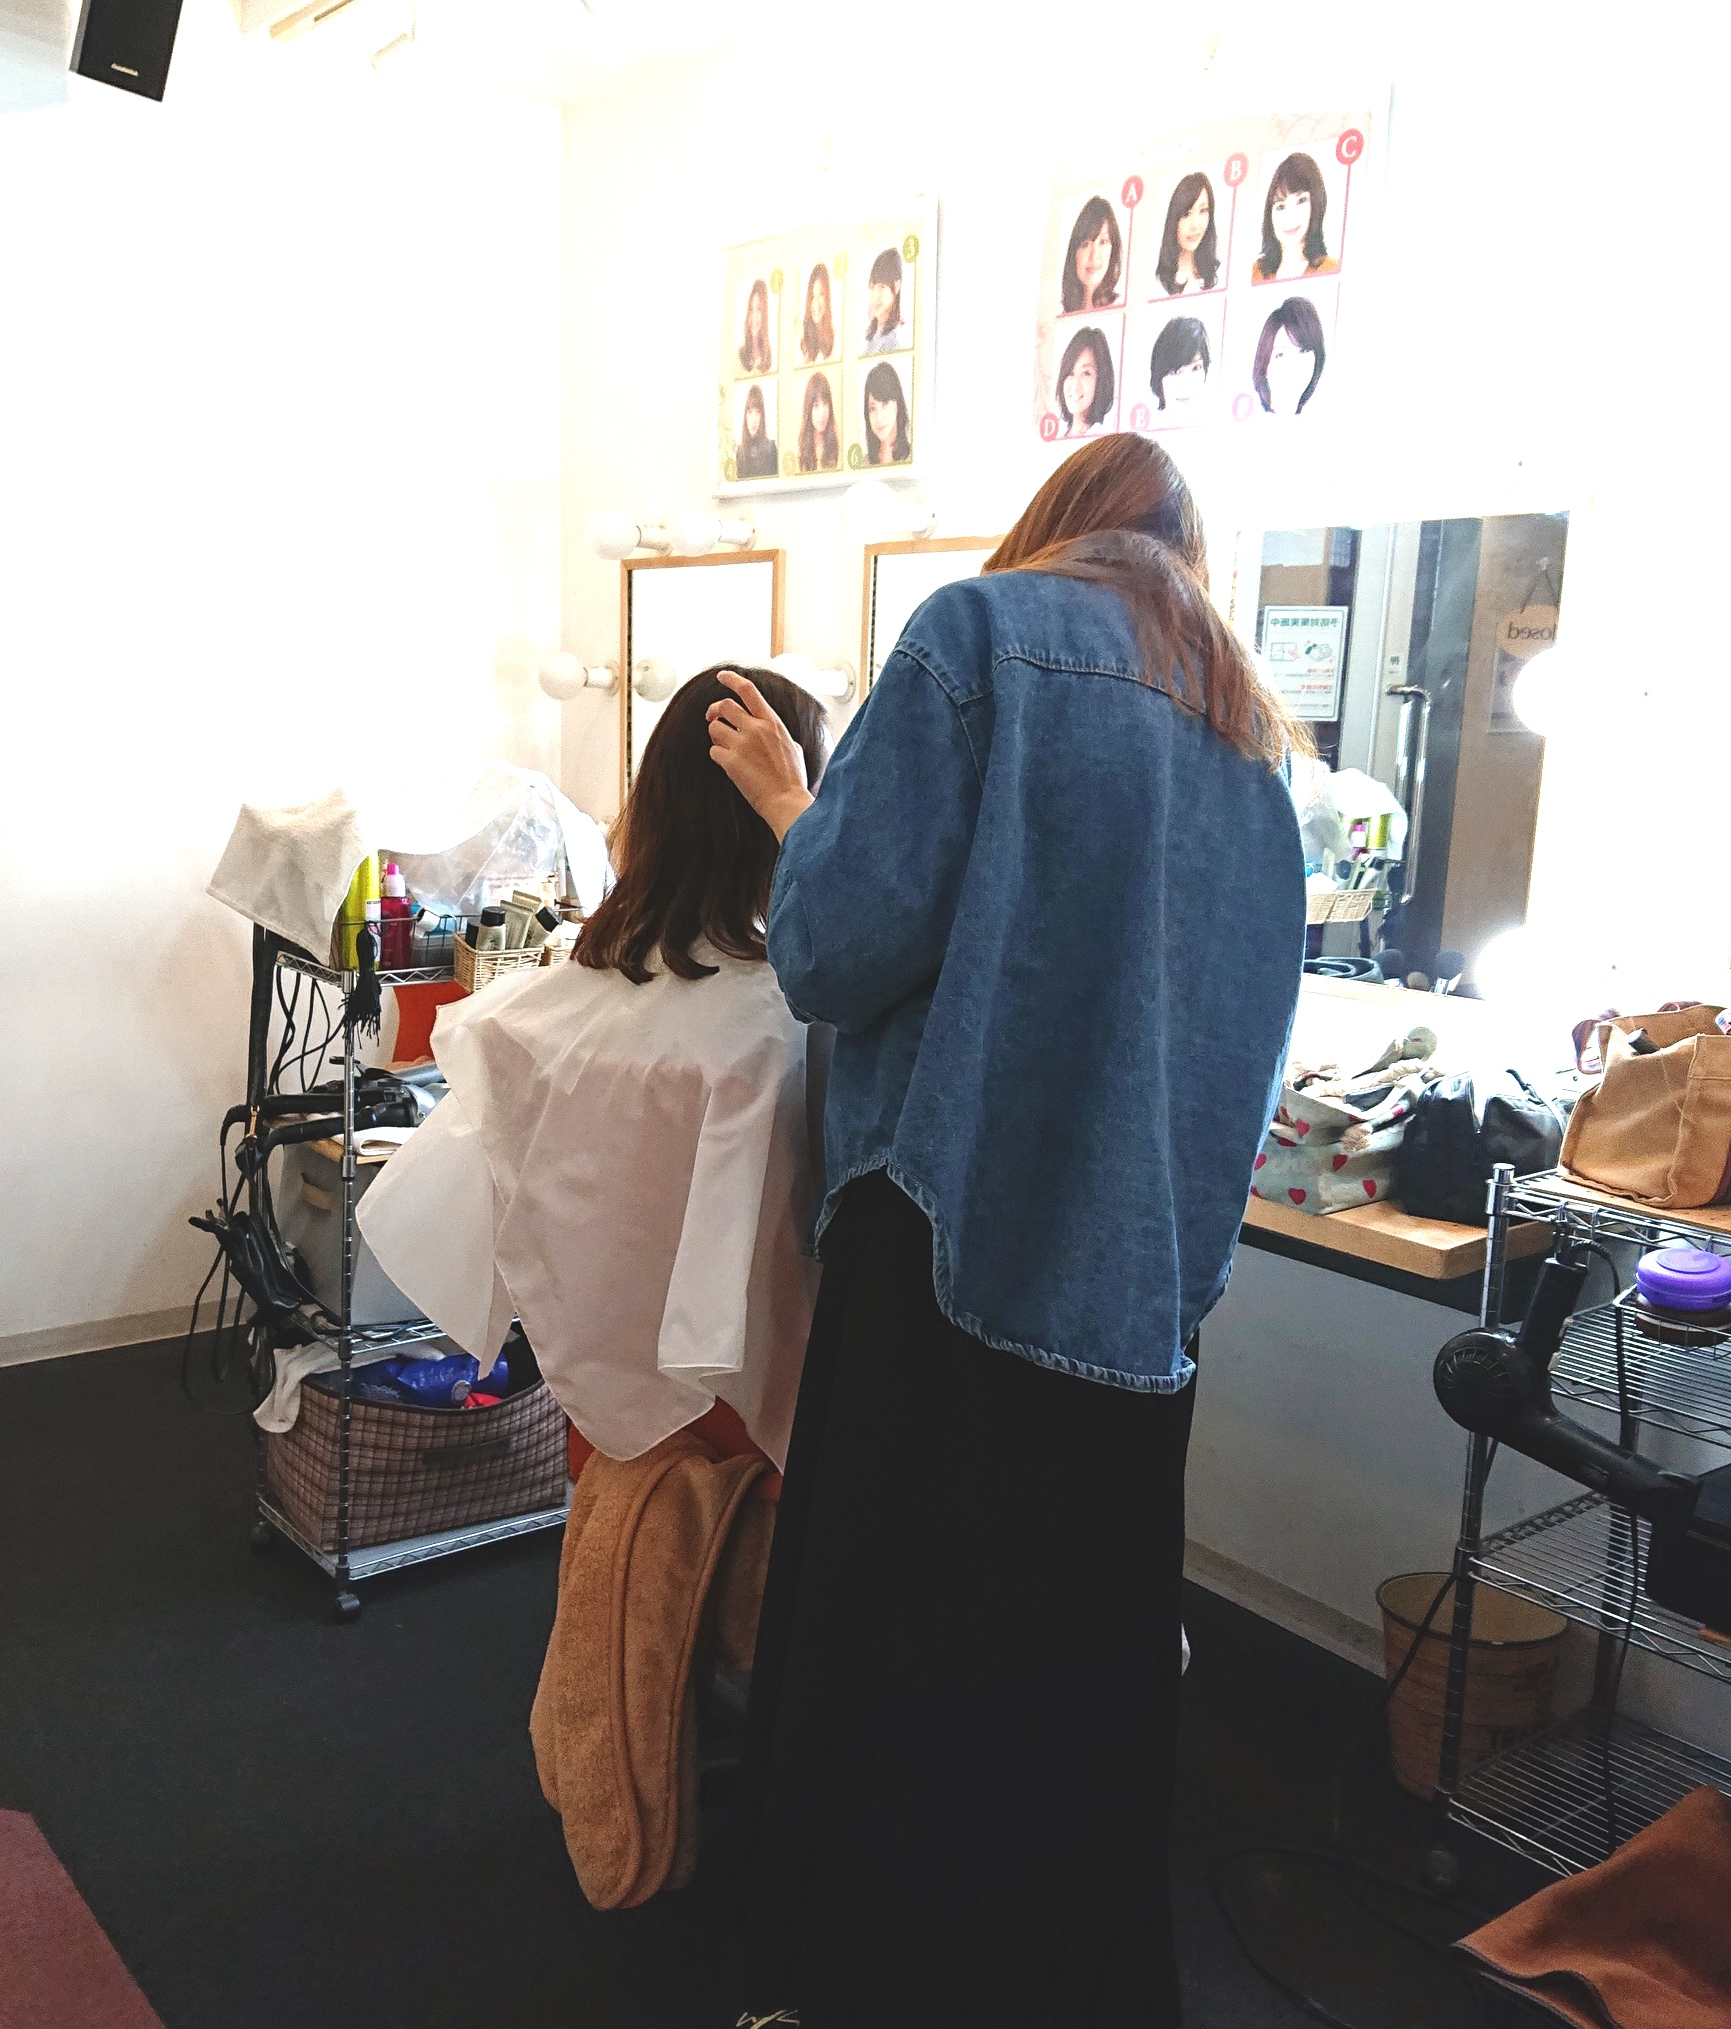 ★日常ブログ★<br>新規会員さんとプロフィール撮影にスターメーカースタジオさんへ!